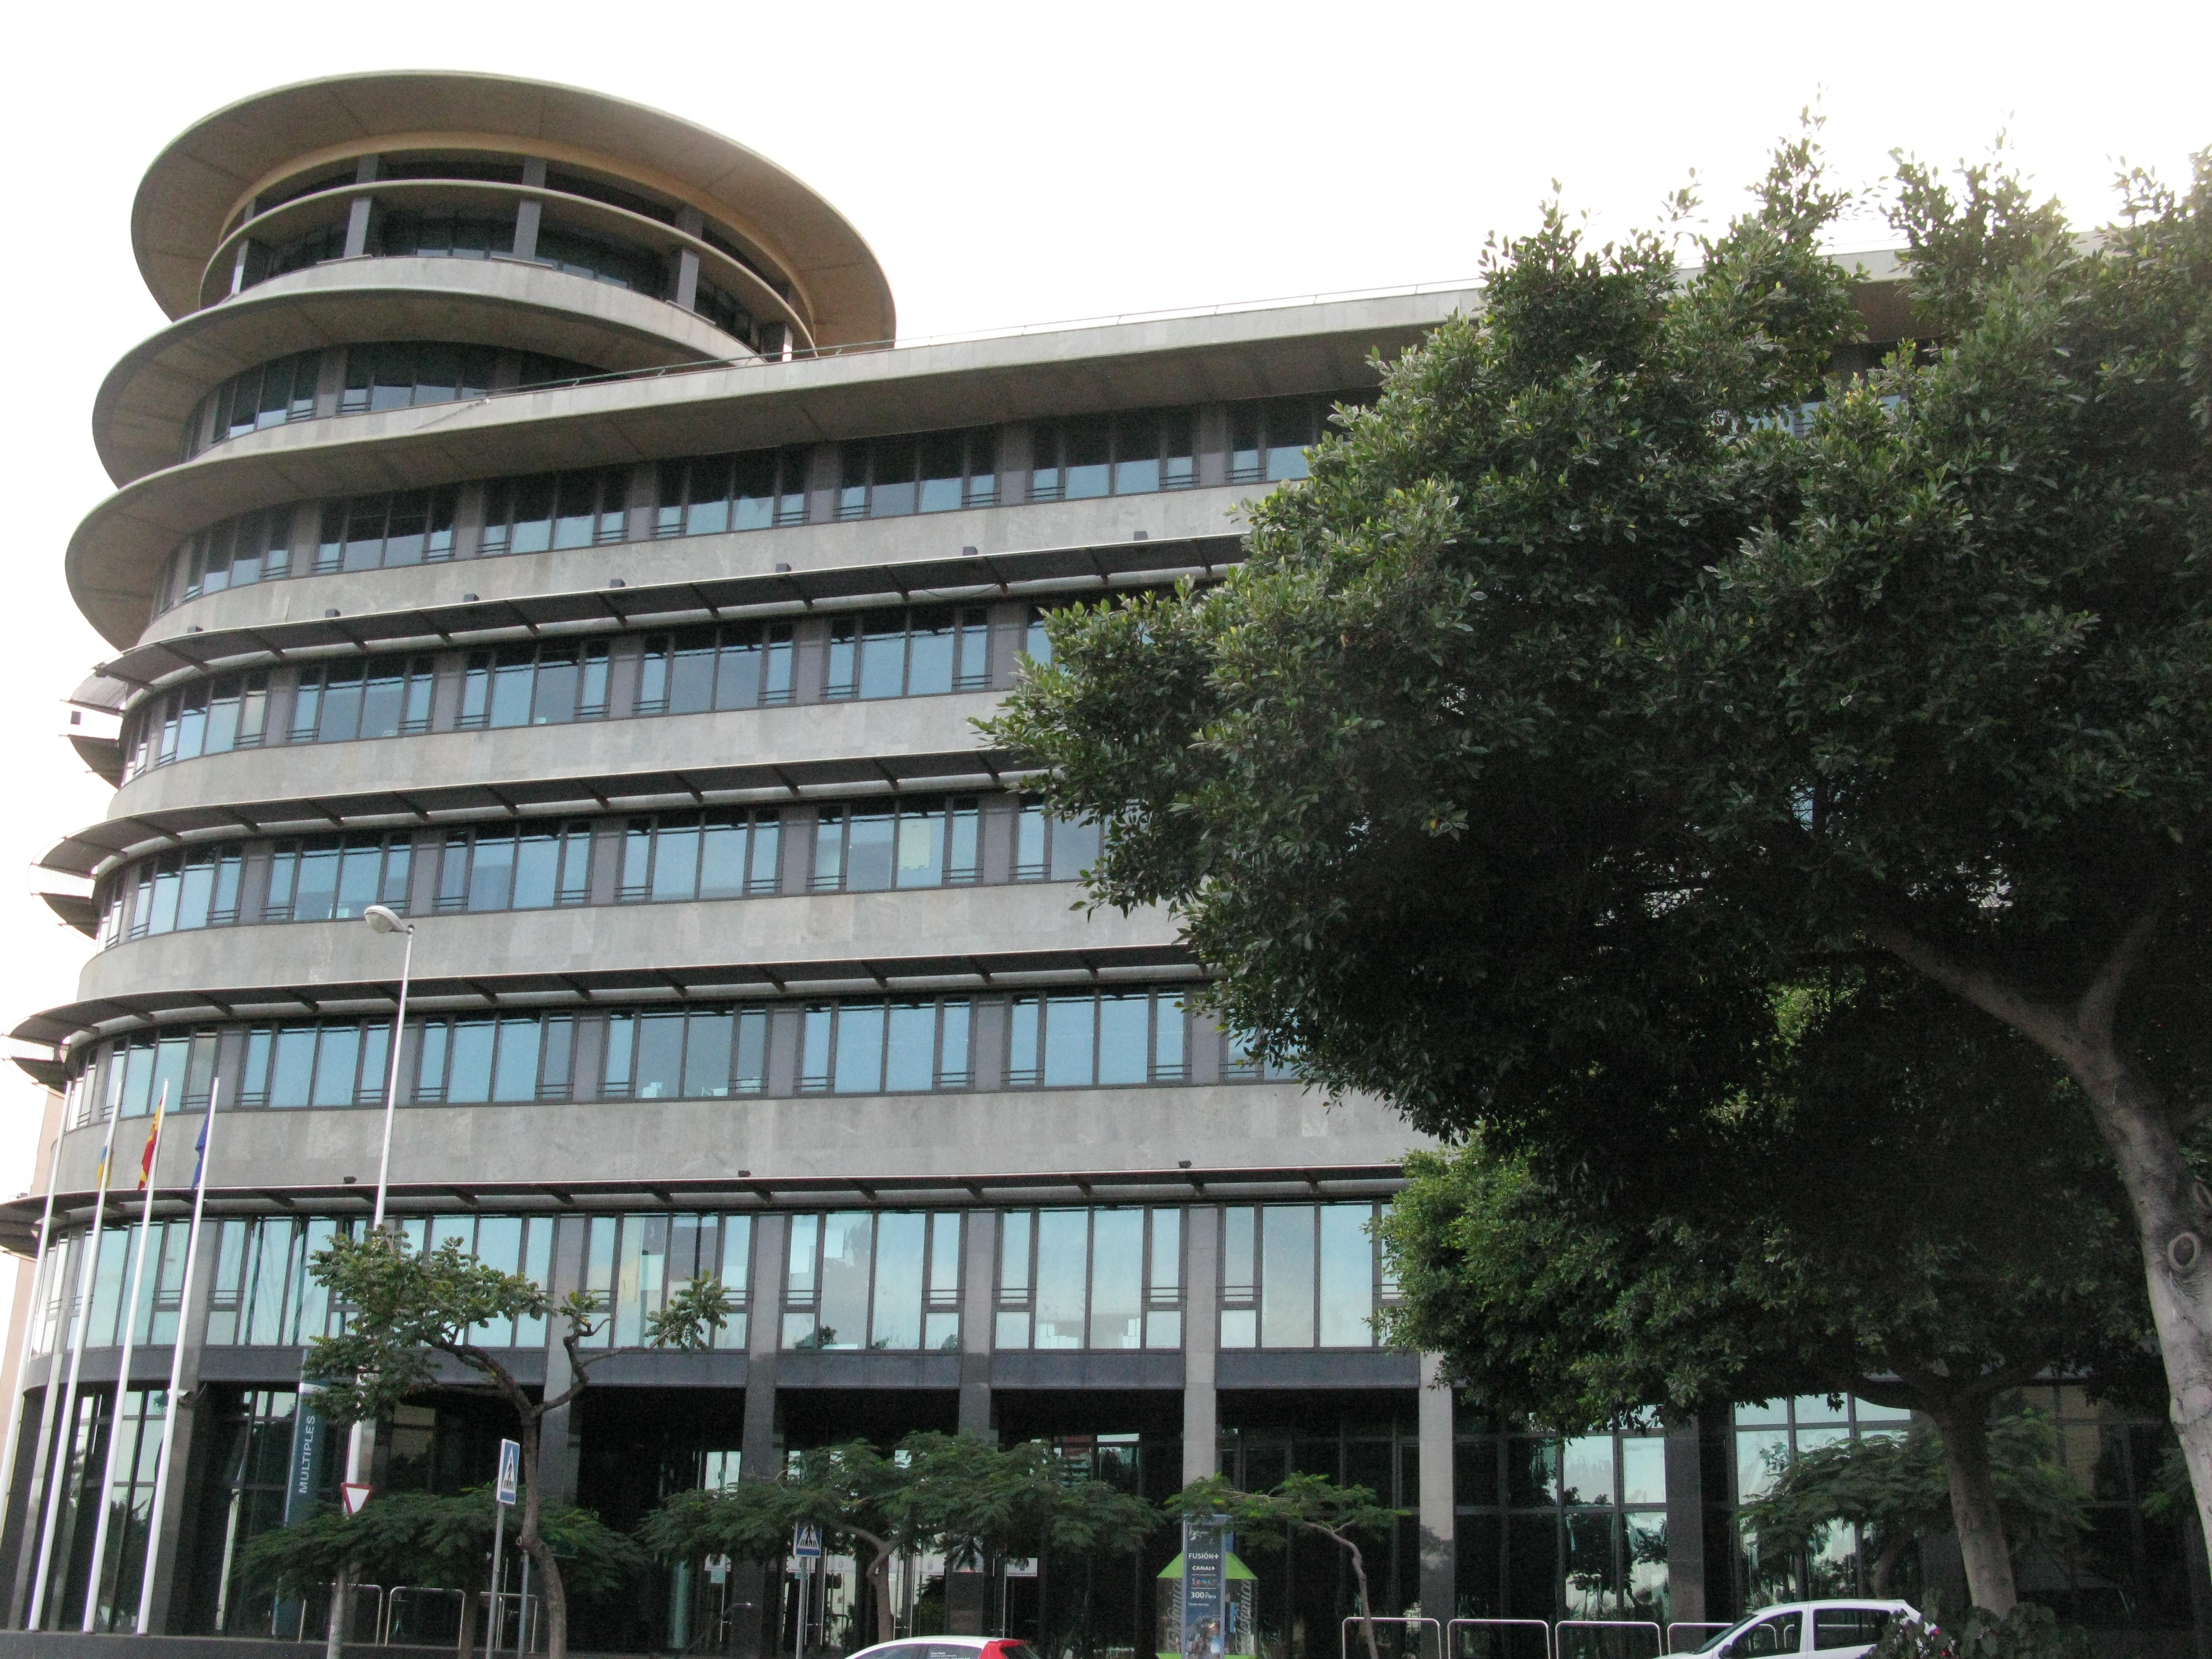 Edificio Múltiples II de Santa Cruz de Tenerife, una de las sedes del Gobierno de Canarias